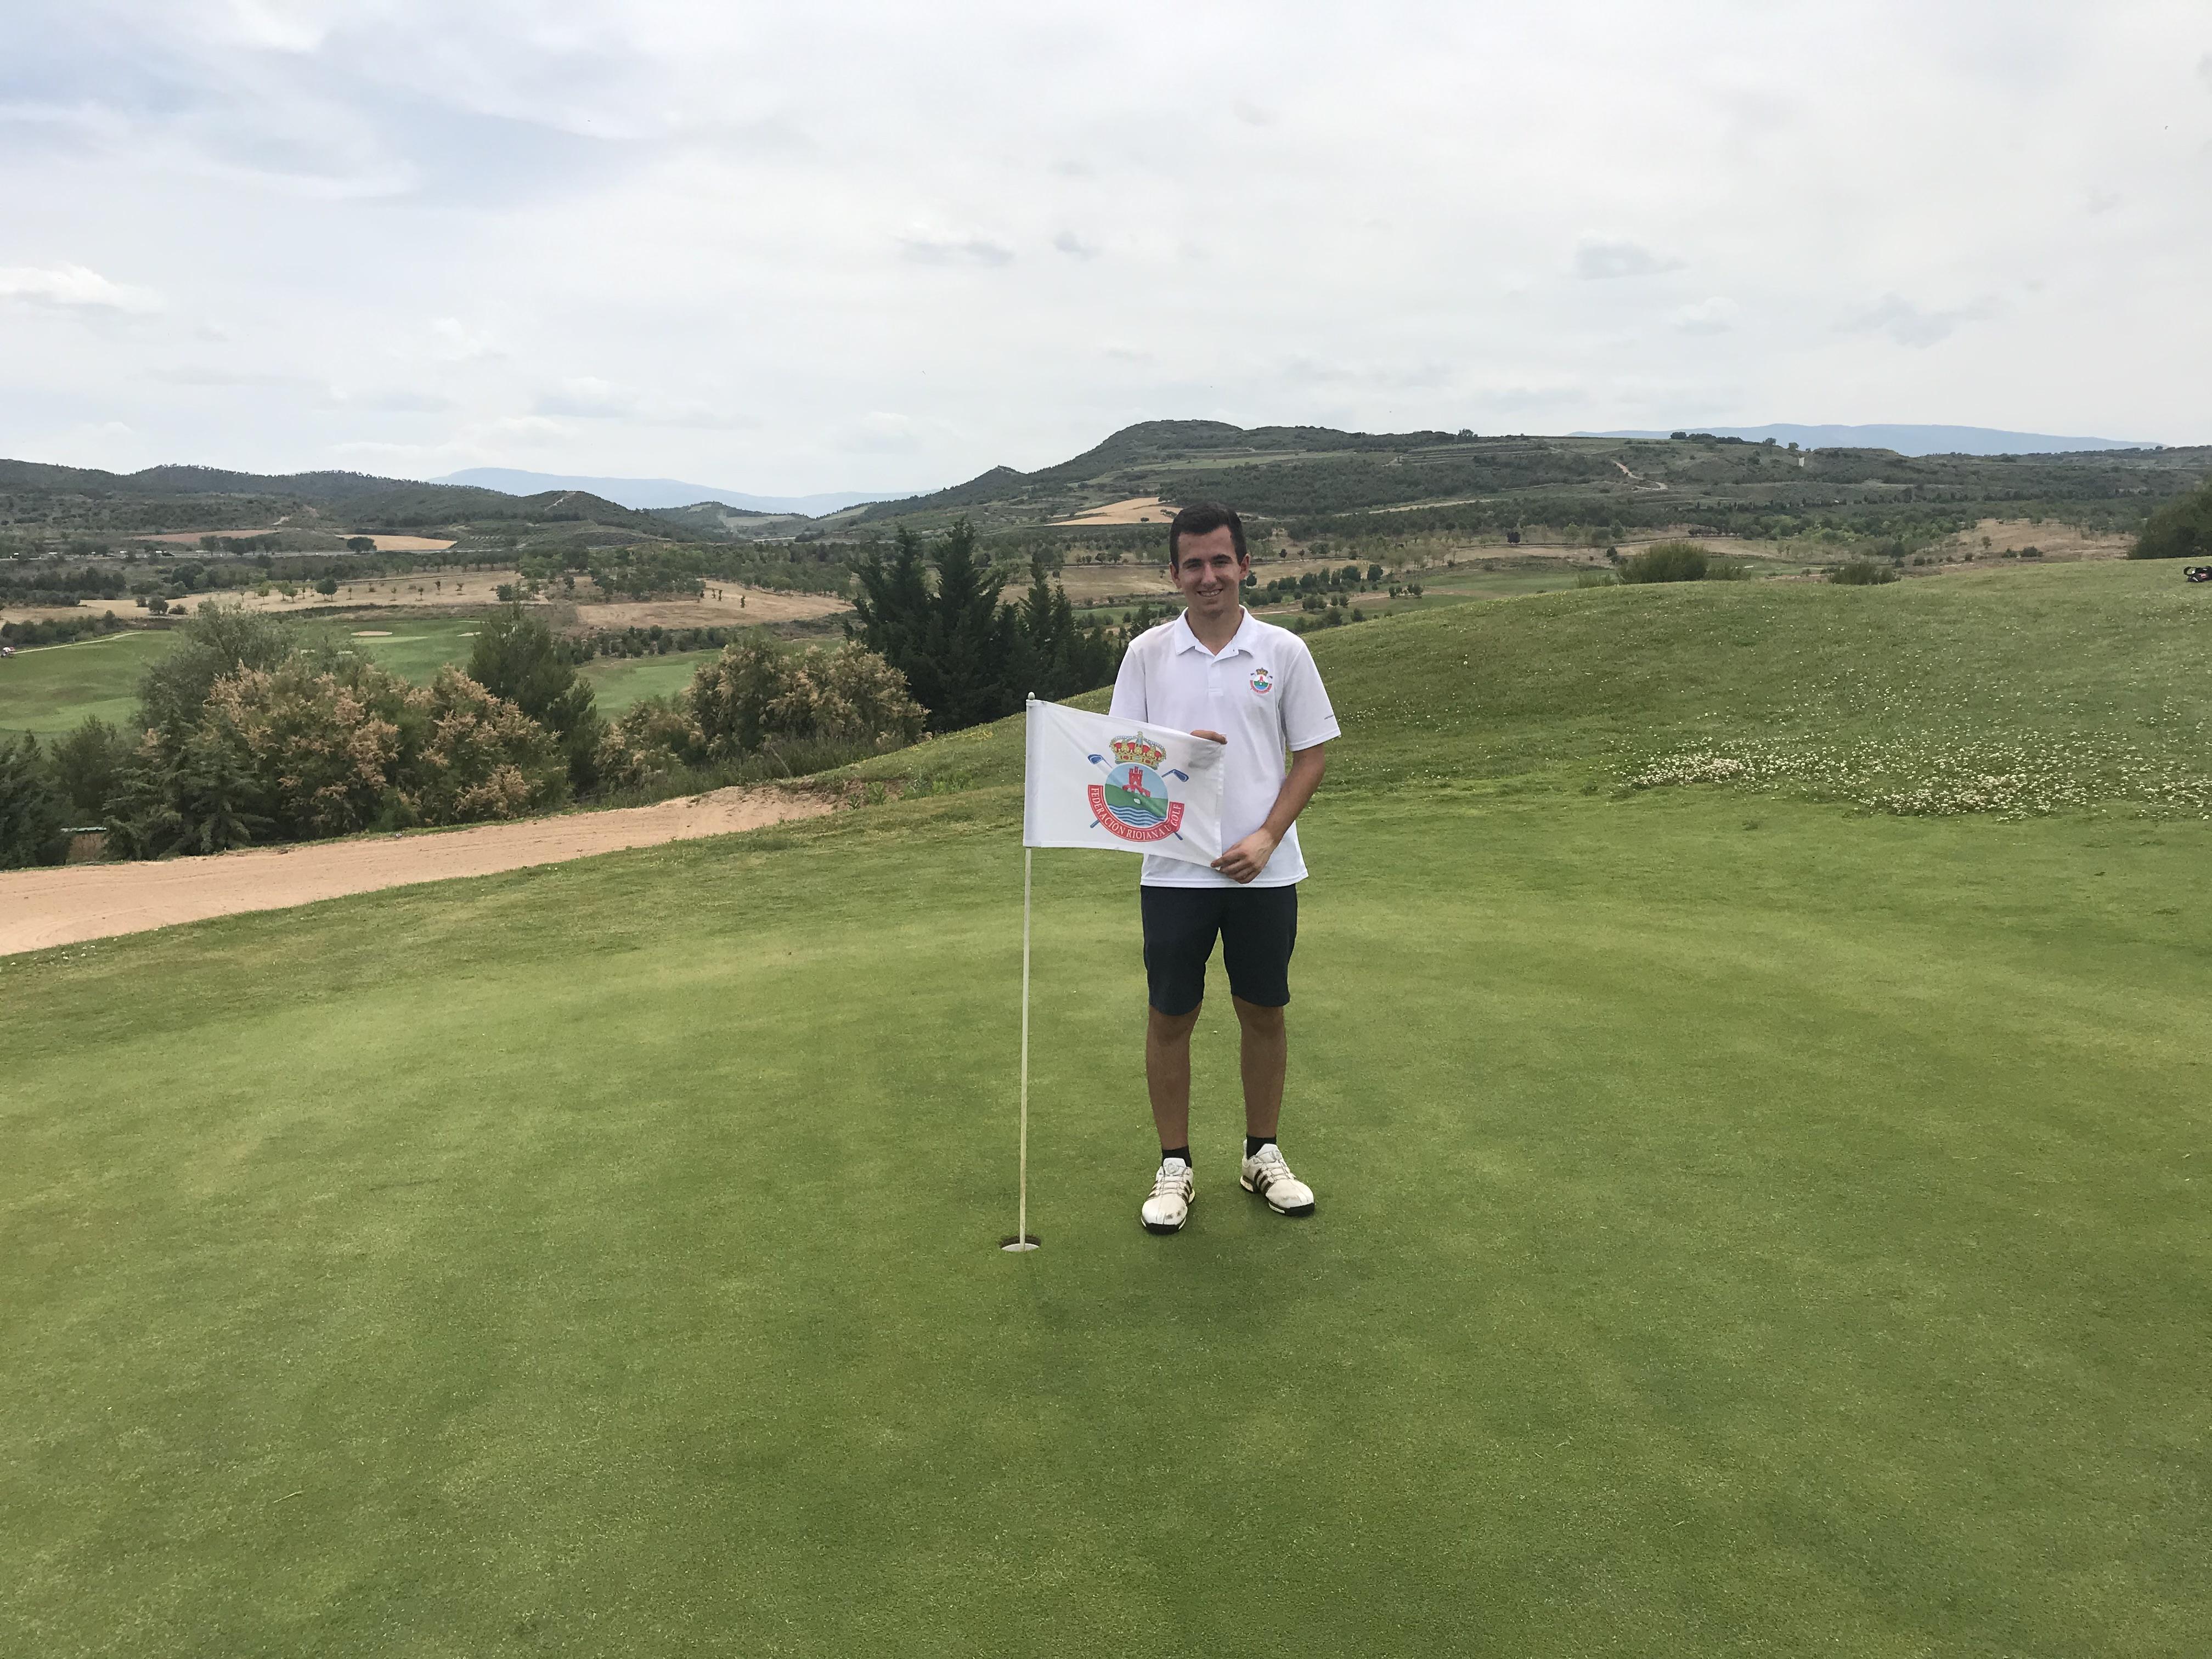 Campeonato de La Rioja Pitch & Putt 2019